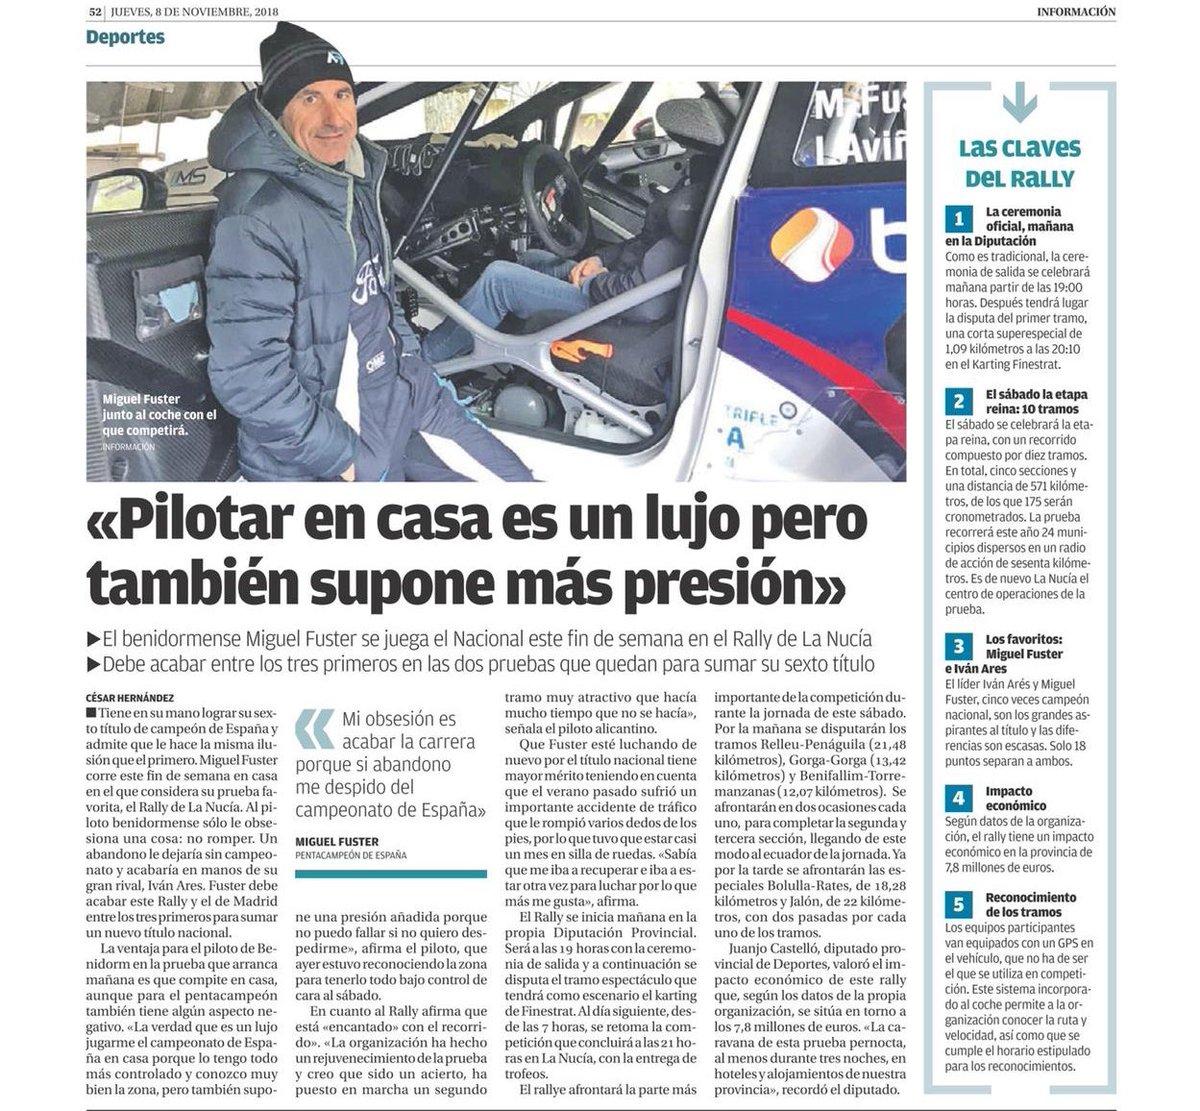 CERA: 24º Rallye La Nucía Mediterraneo - Trofeo Costa Blanca [9-10 Noviembre] - Página 2 DrfBQiCXcAEZapC